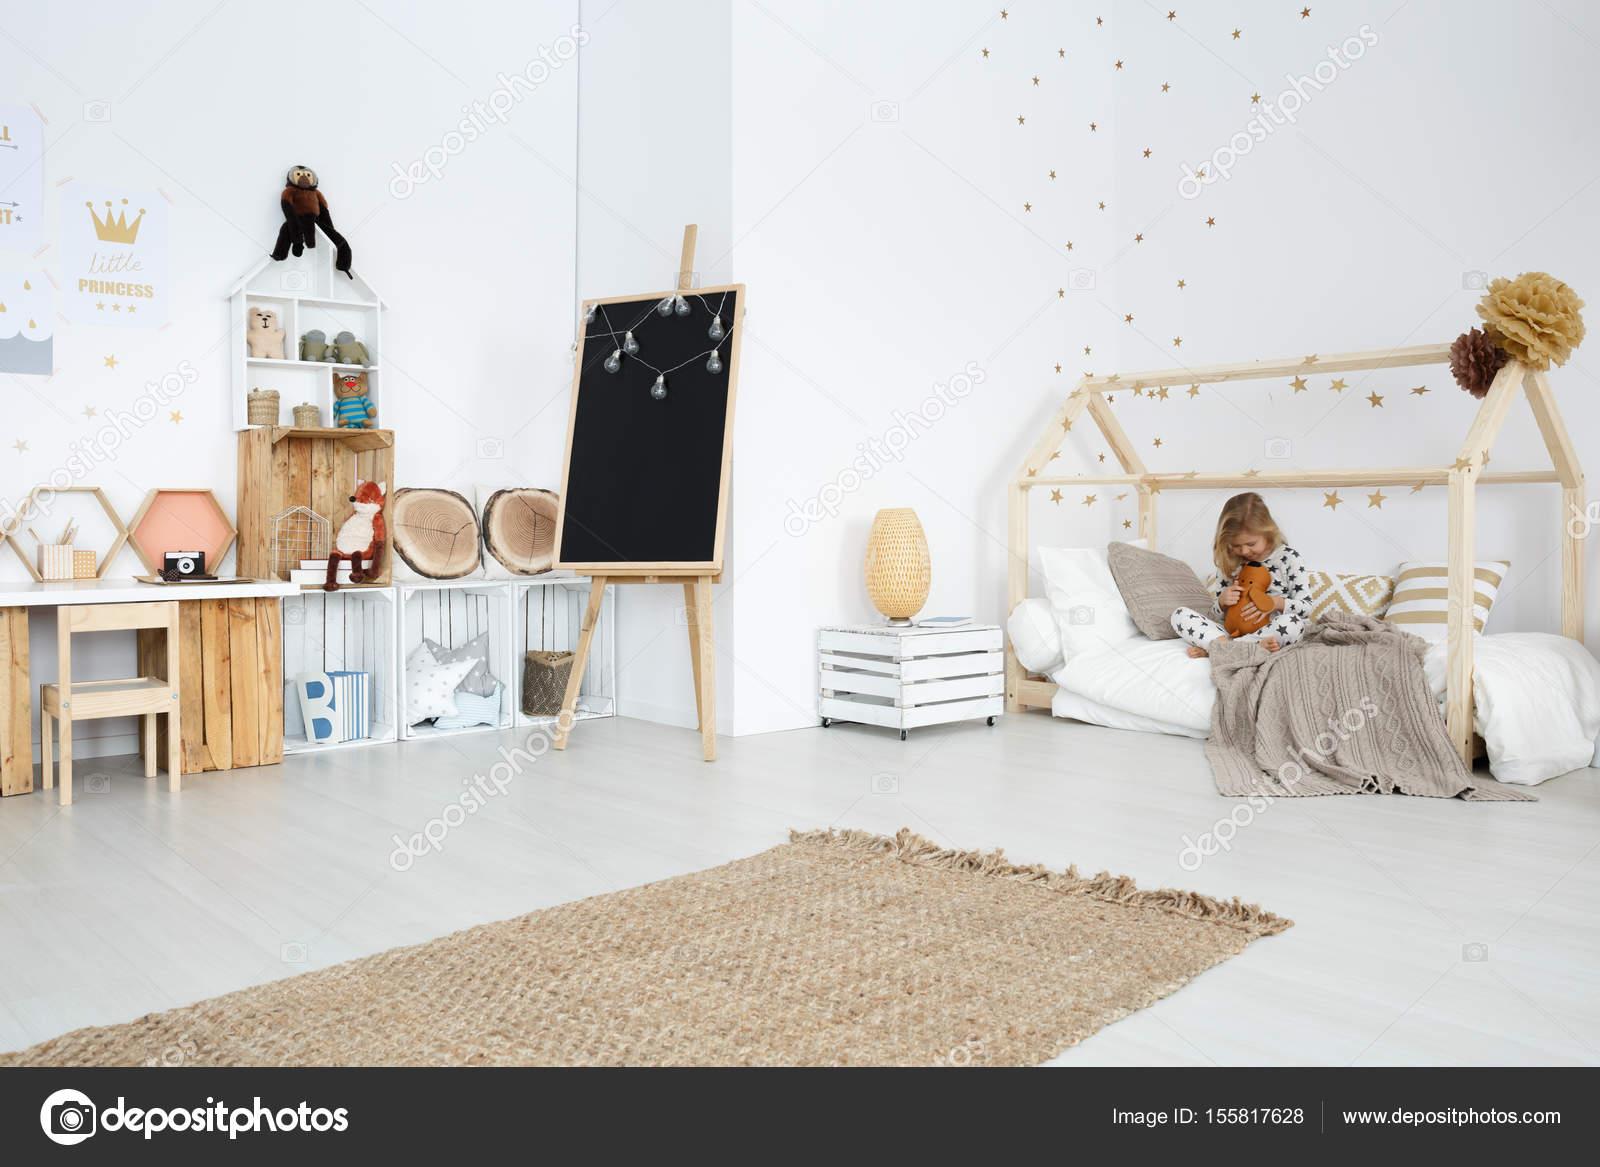 Habitaci N De Ni A Con Muebles Hechos A Mano Foto De Stock  # Muebles Hechos A Mano